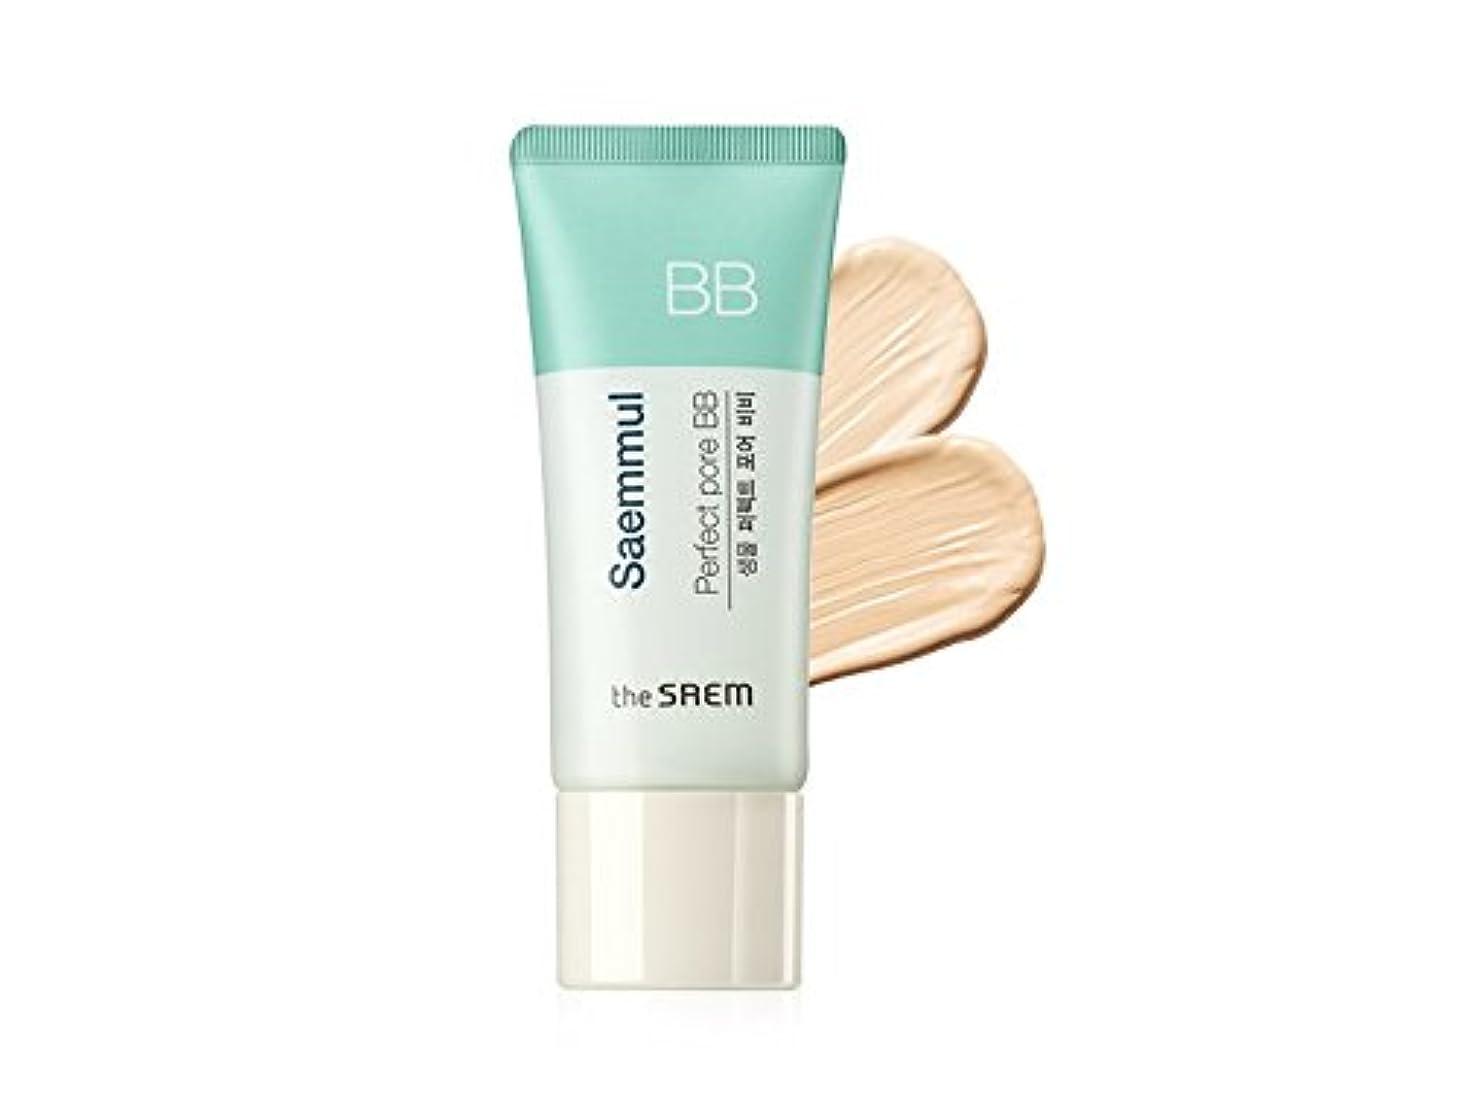 適切にたぶんシェードThe Saem Saemmul Perfect Pore BB Cream (Primer + BB) セームセムムルパーフェクトポアBBクリーム(プライマー+ BB)海外直送商品 (#01)